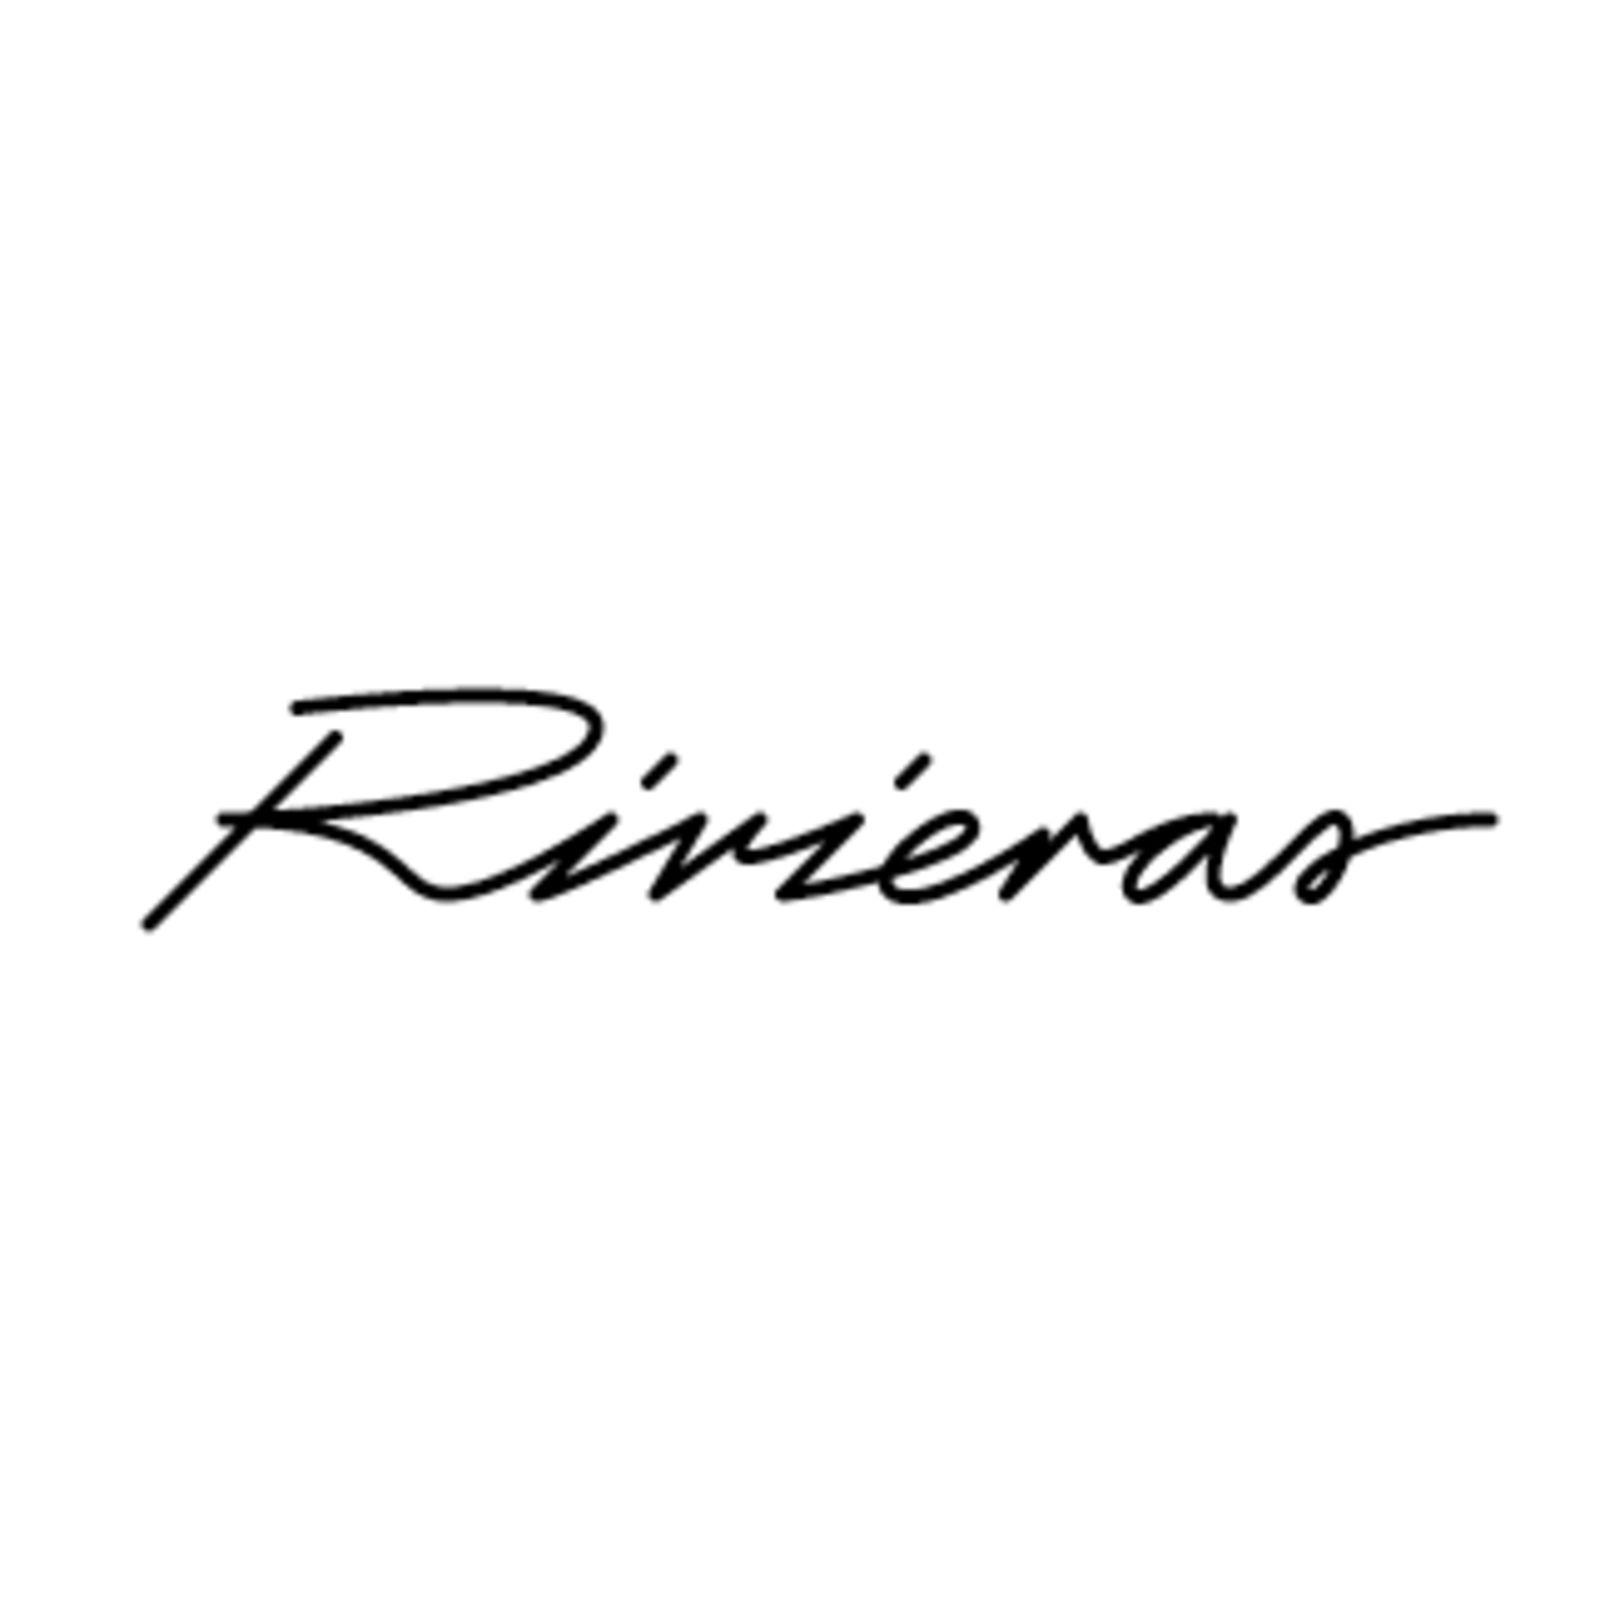 Rivieras (Bild 1)